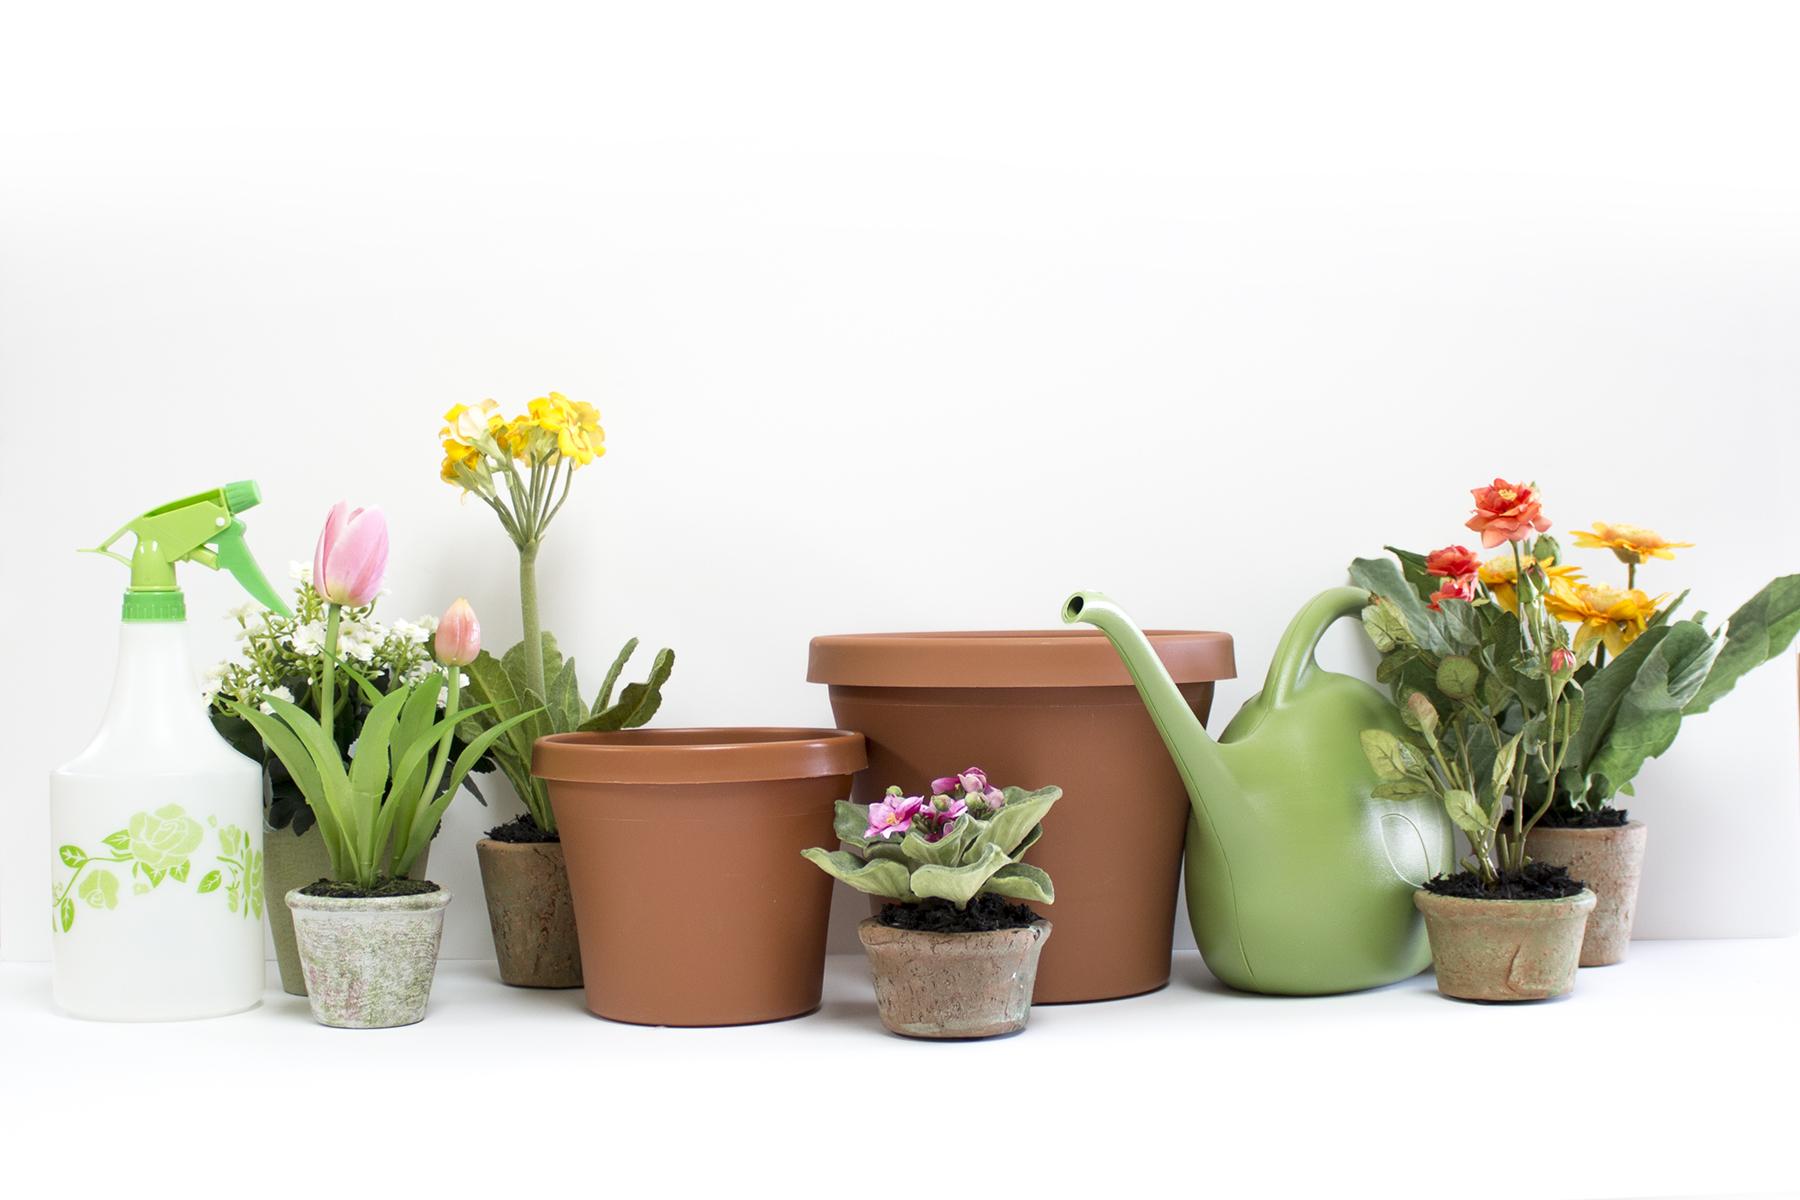 Gardening accessories 1.jpg